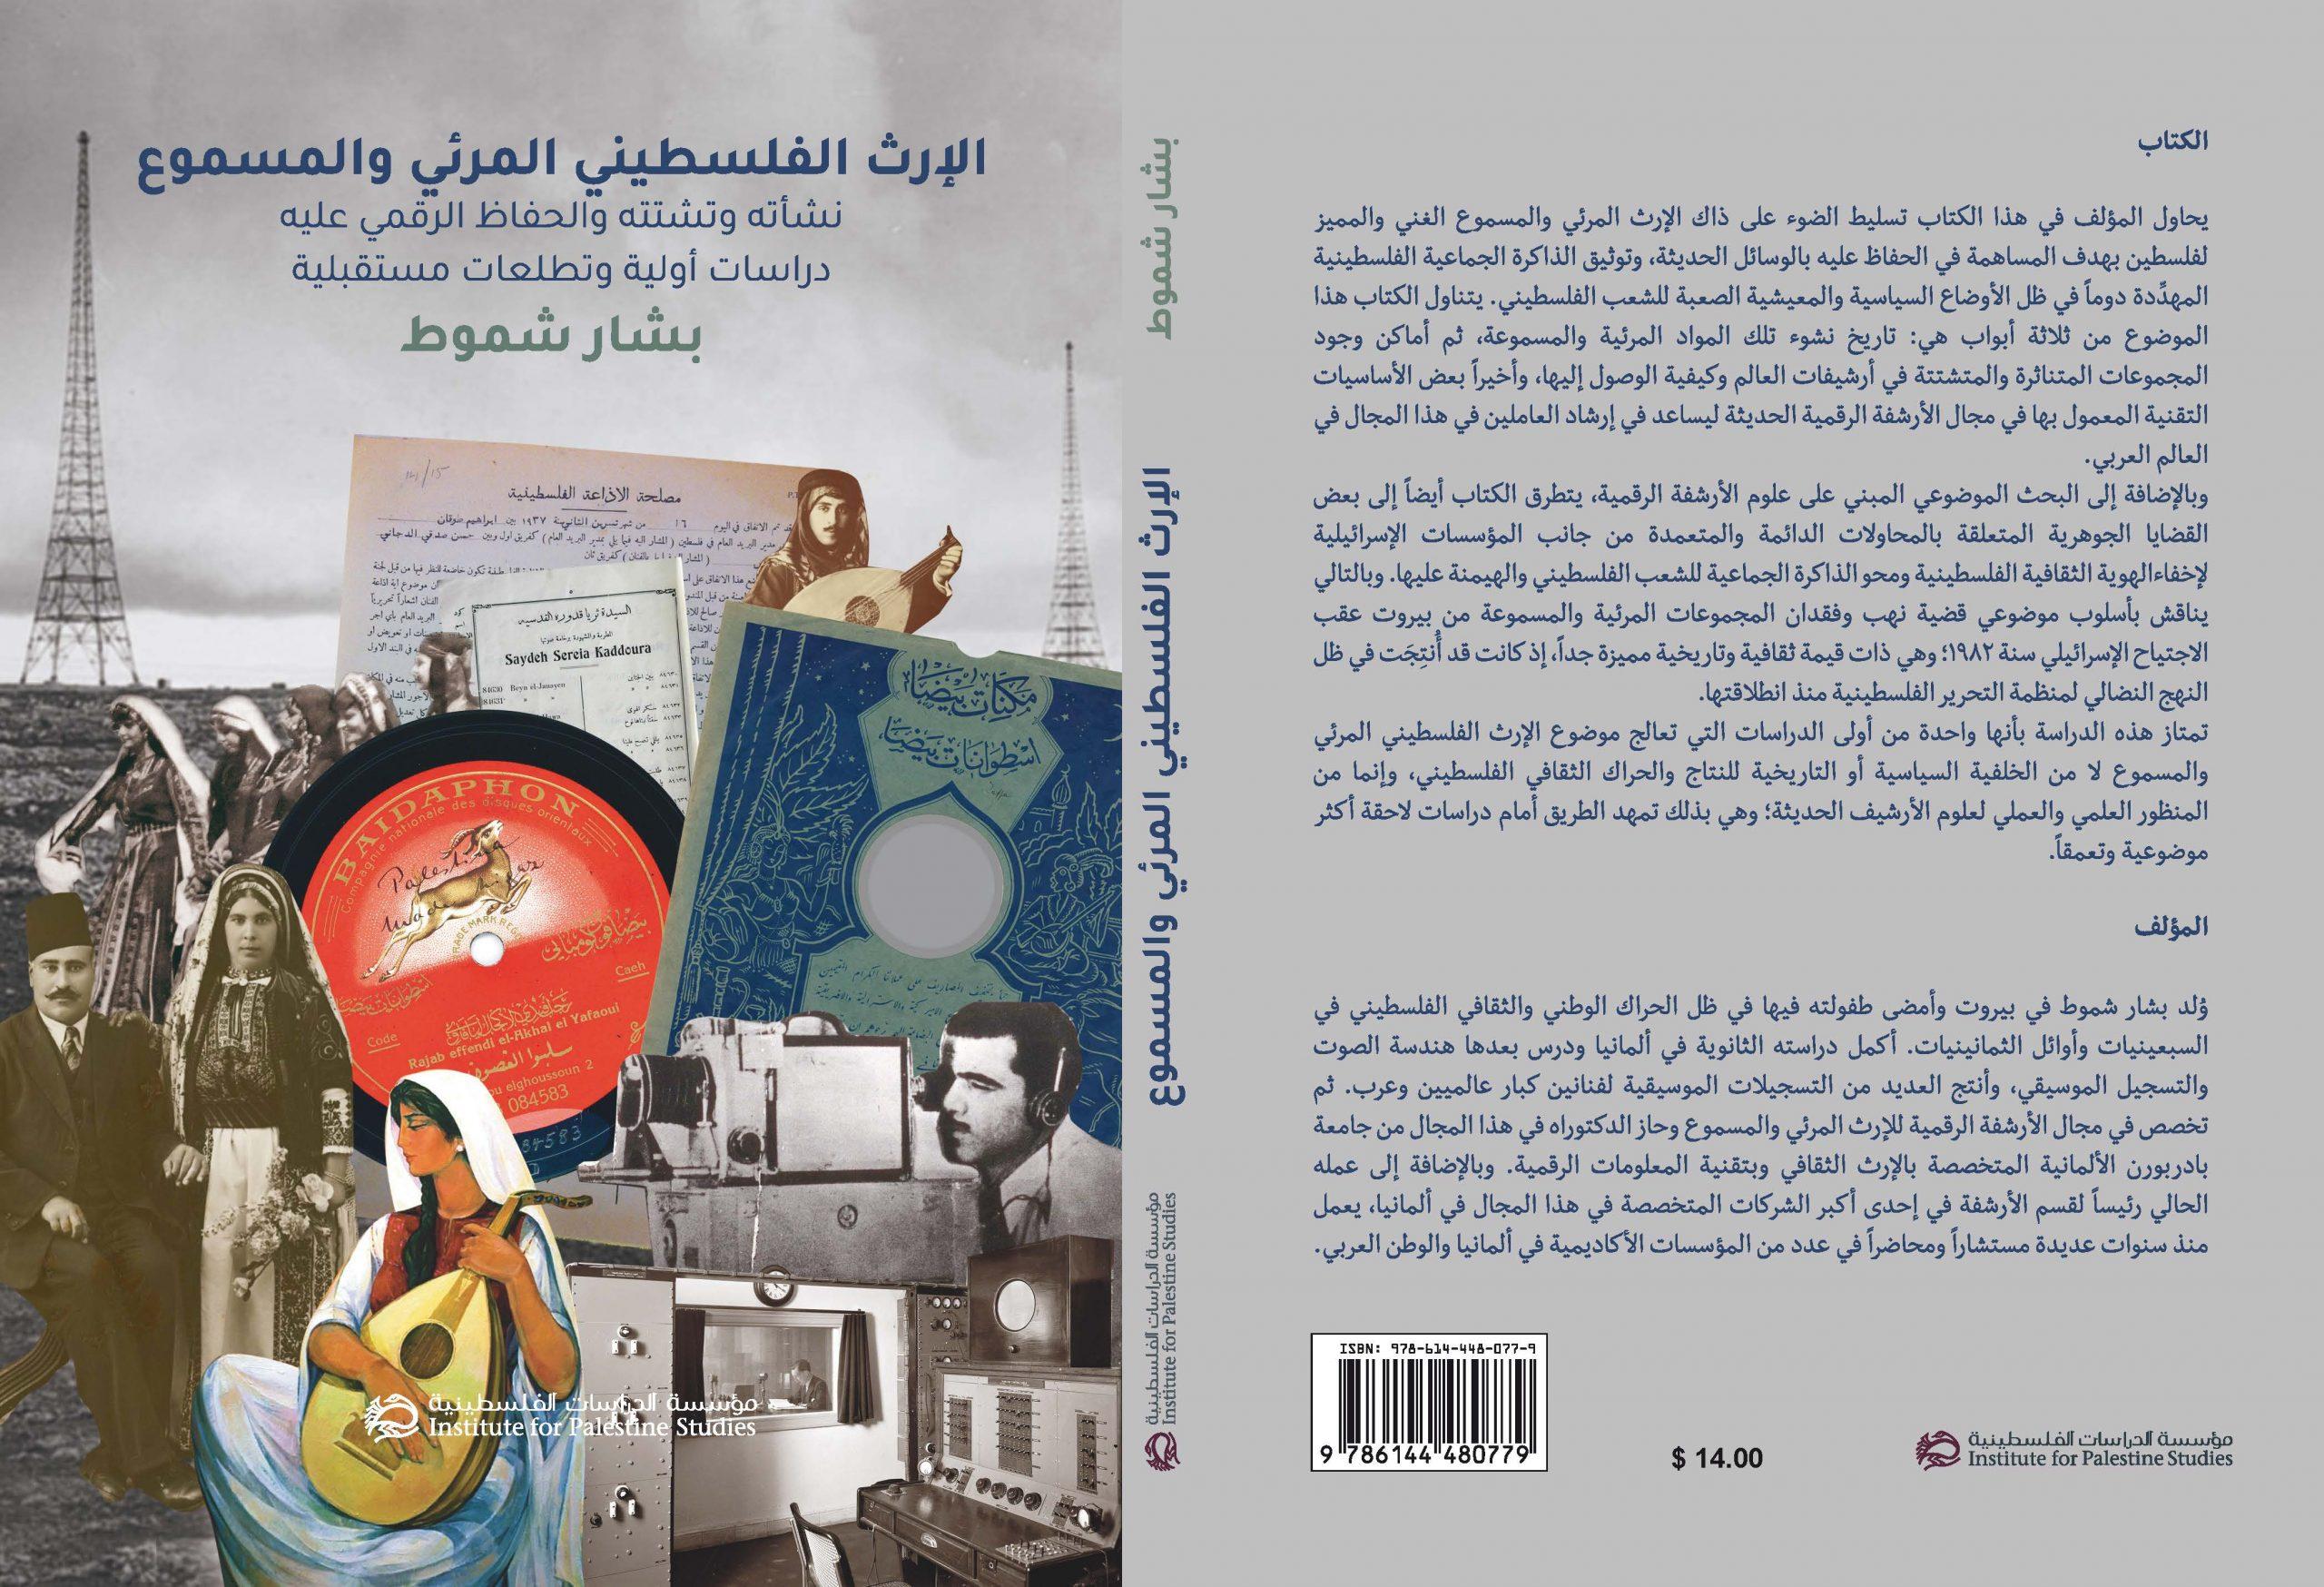 الإرث الفلسطيني المرئي والمسموع.. نشأته وتشتته والحفاظ الرقمي عليه